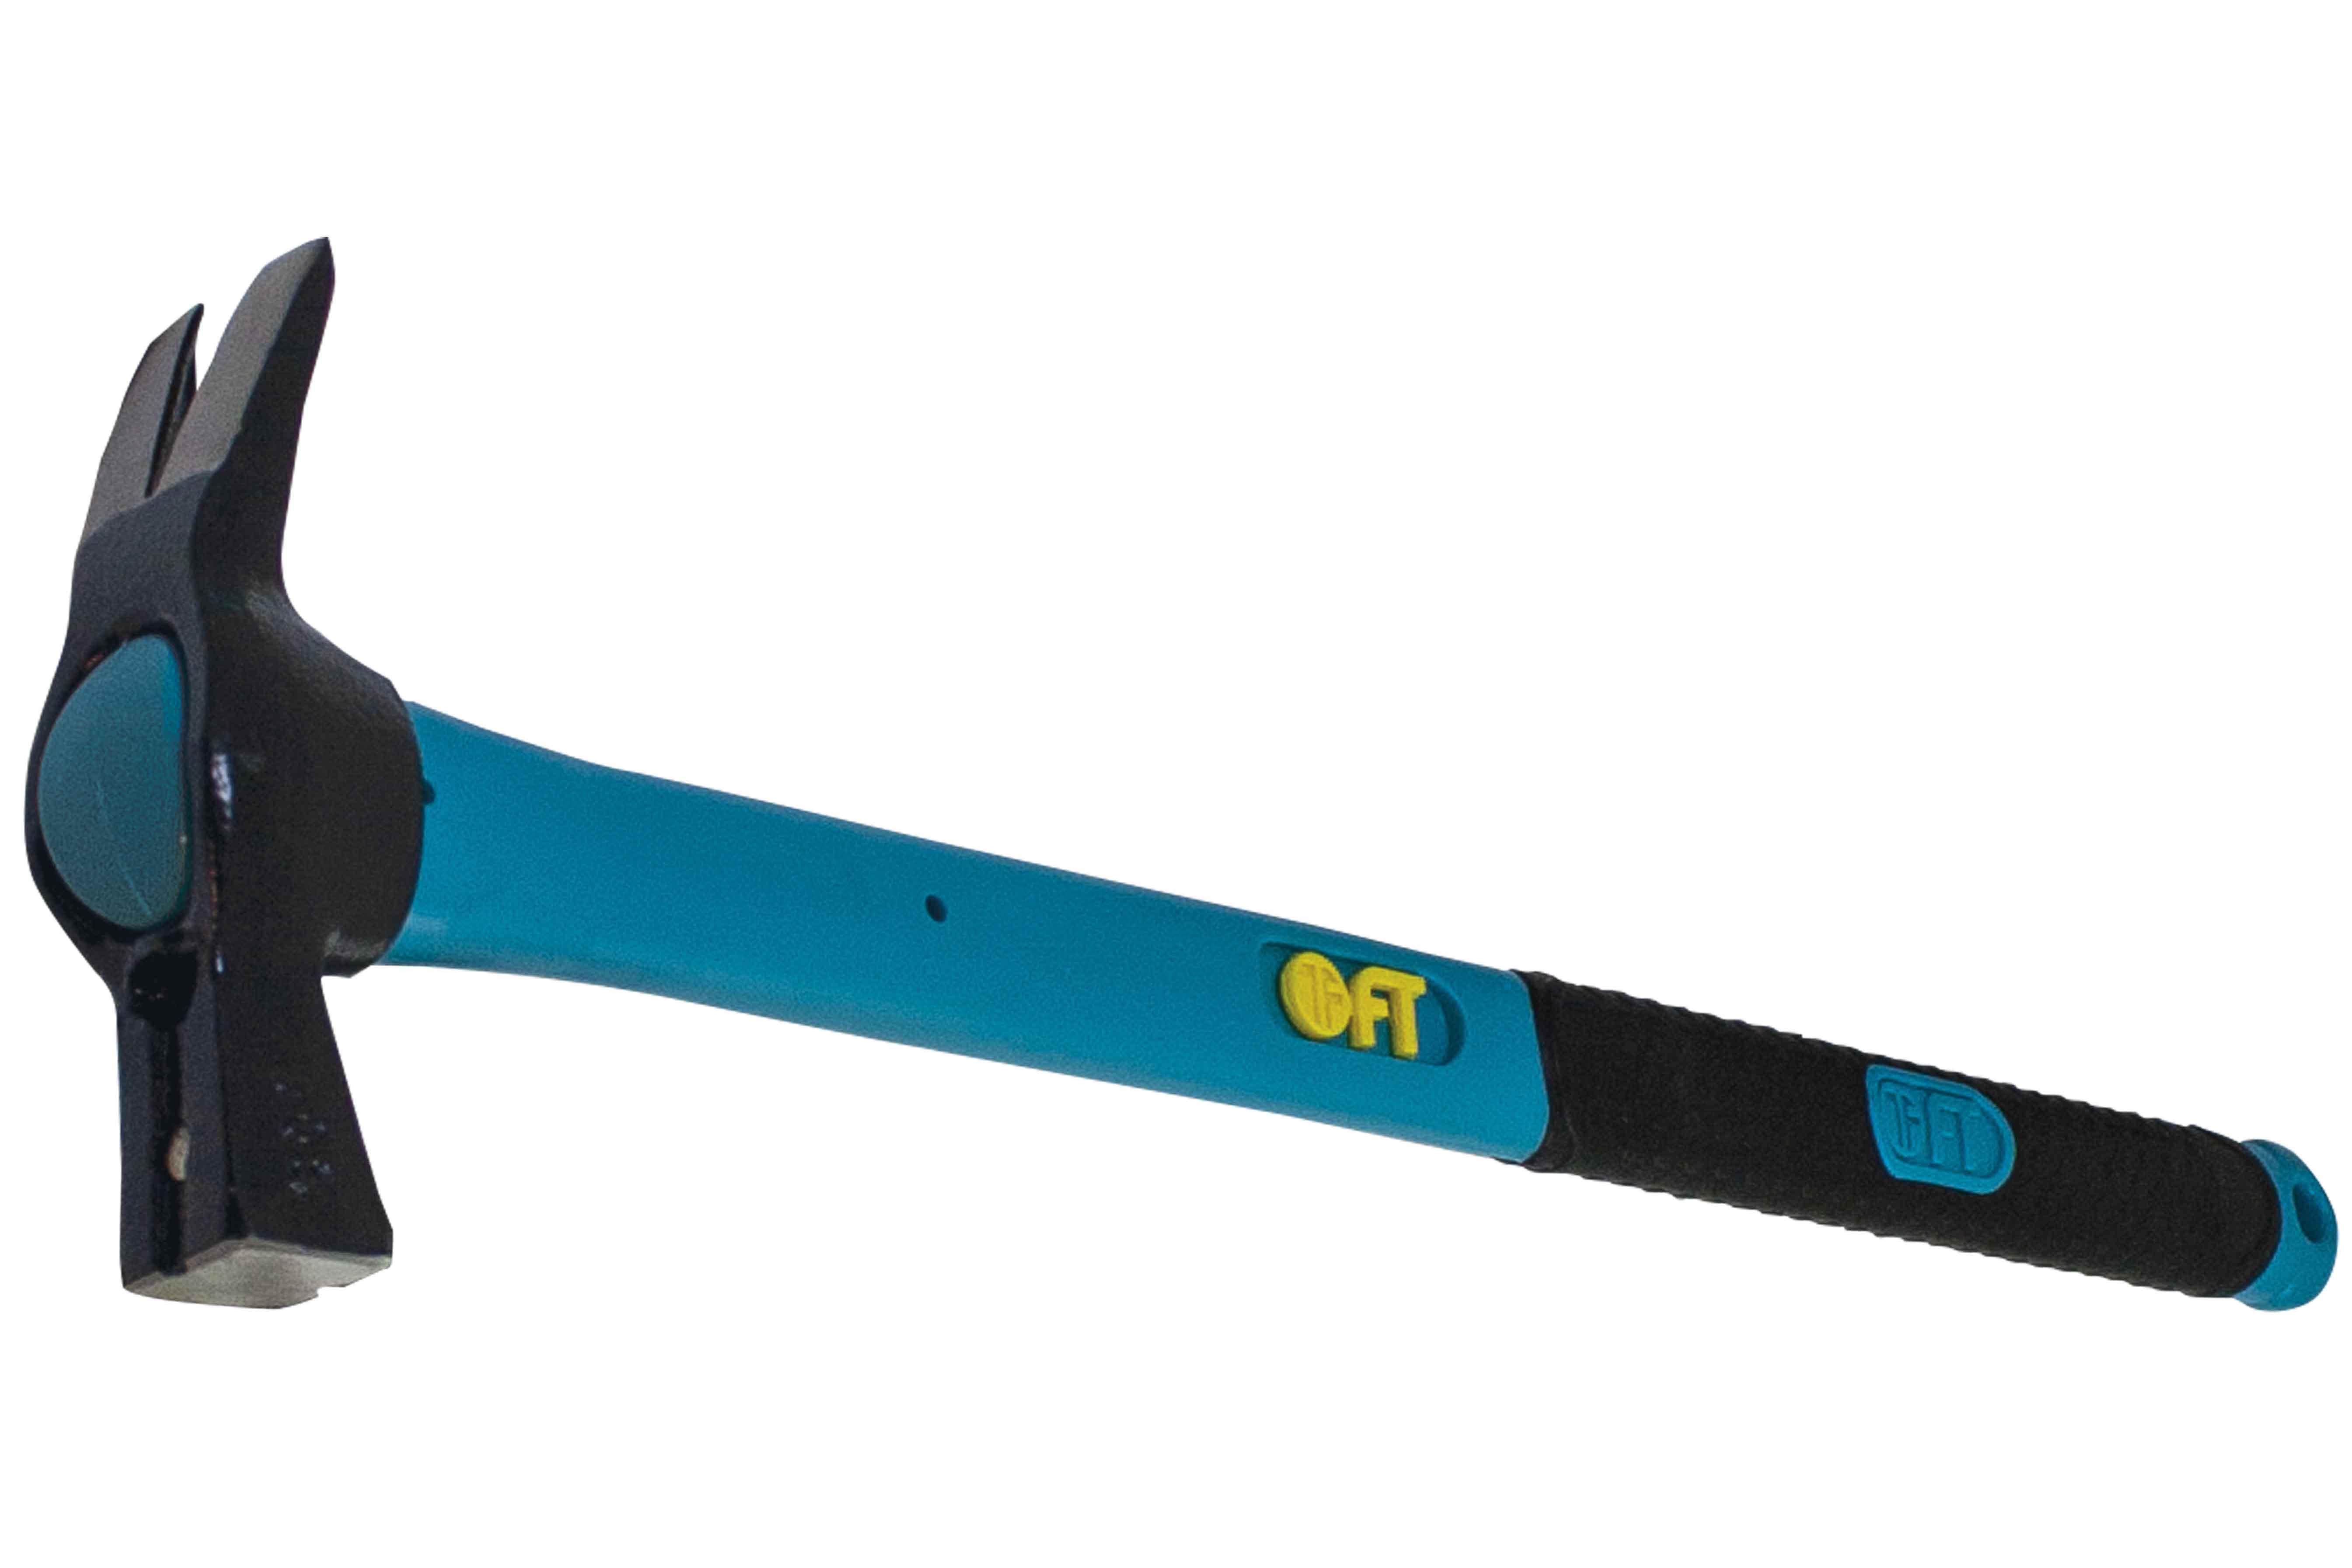 """CLAW HAMMER """"DURAFLEX"""" 300g + HANDLE 40cm W/MAGNET"""